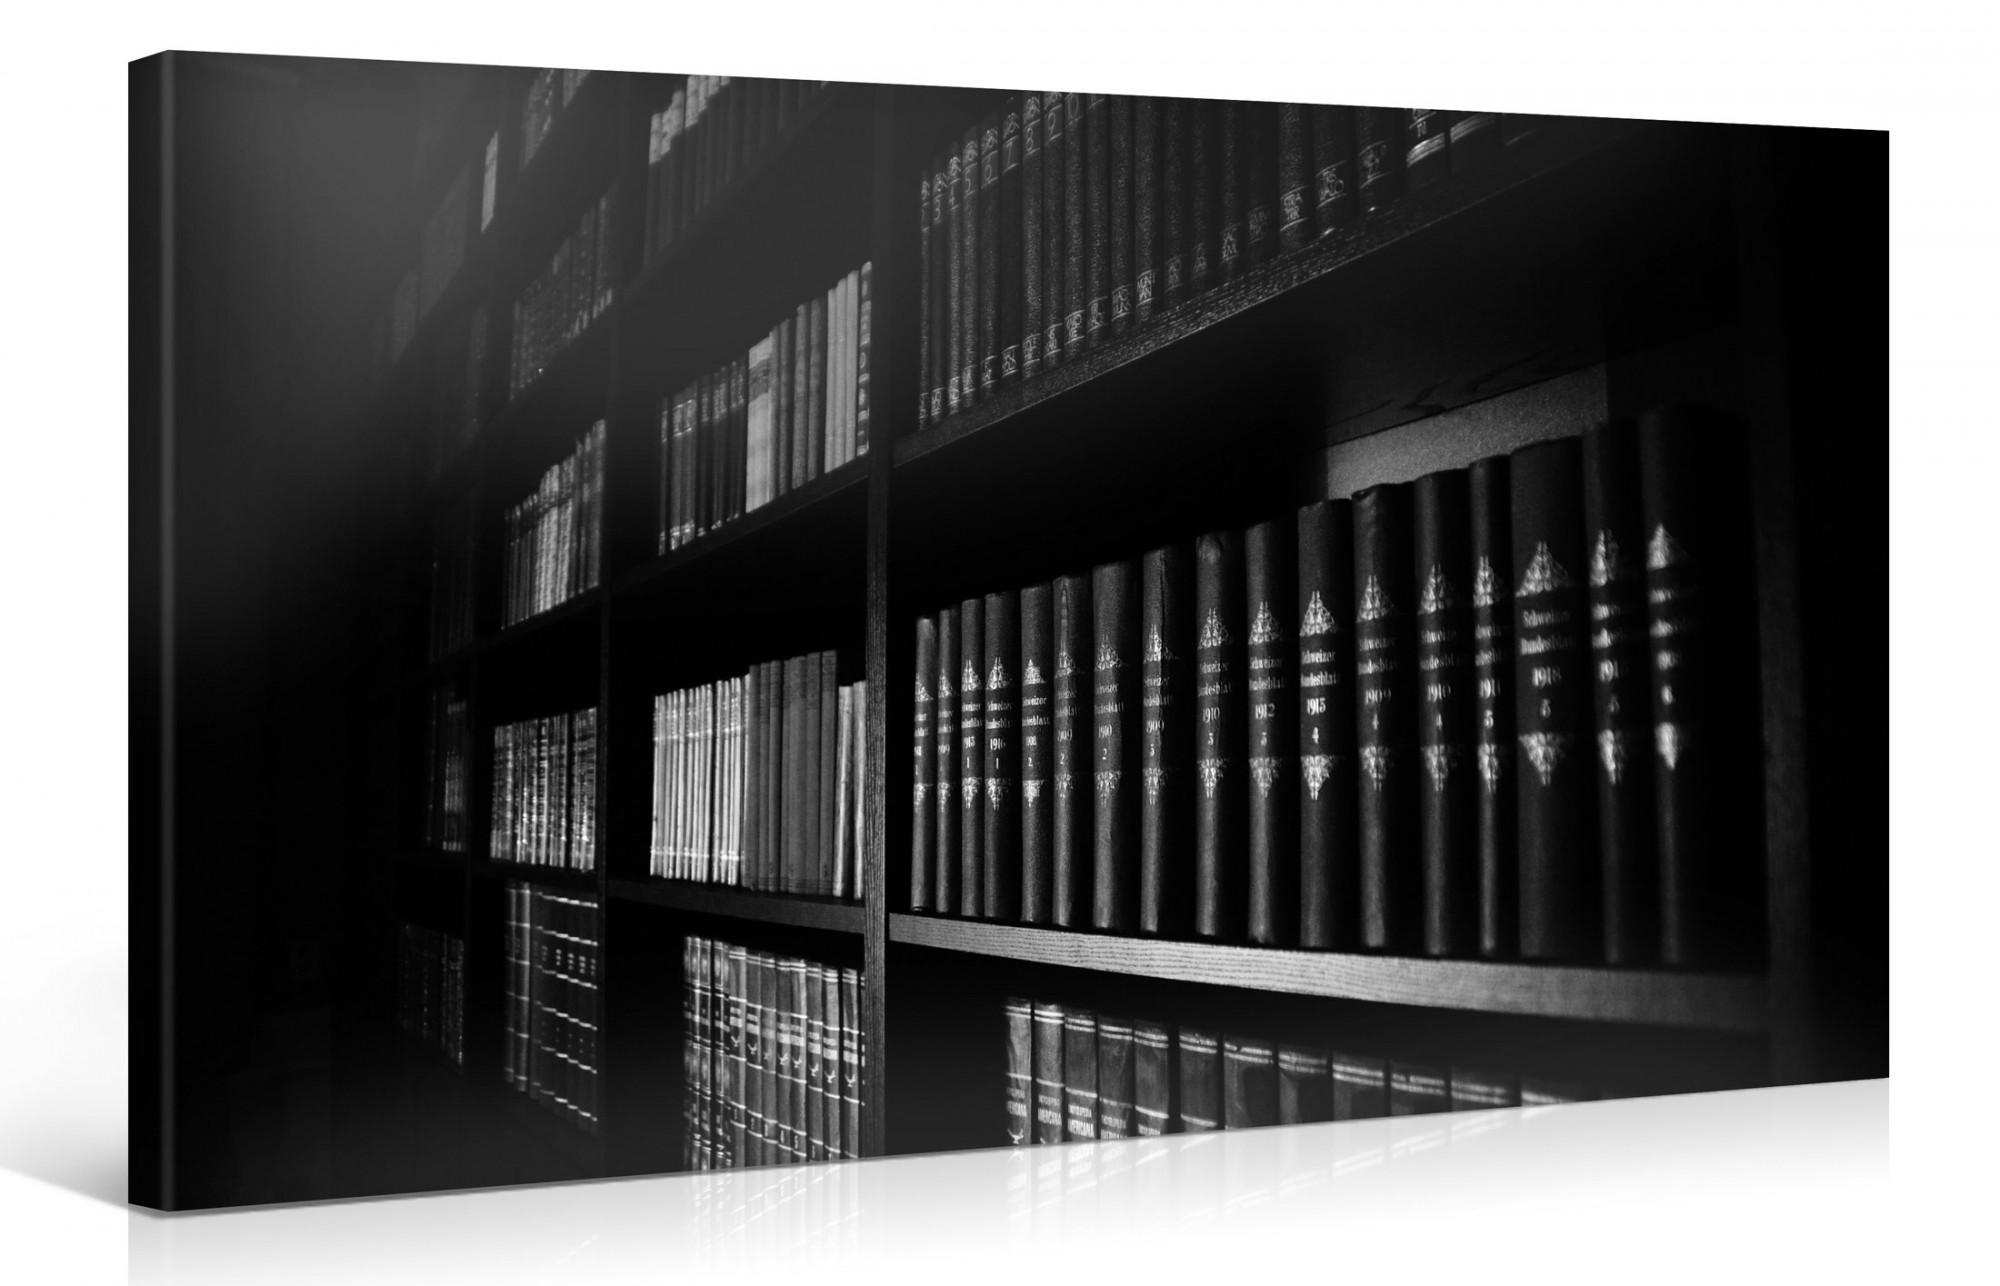 buchregal schwarz weiss 1006588. Black Bedroom Furniture Sets. Home Design Ideas